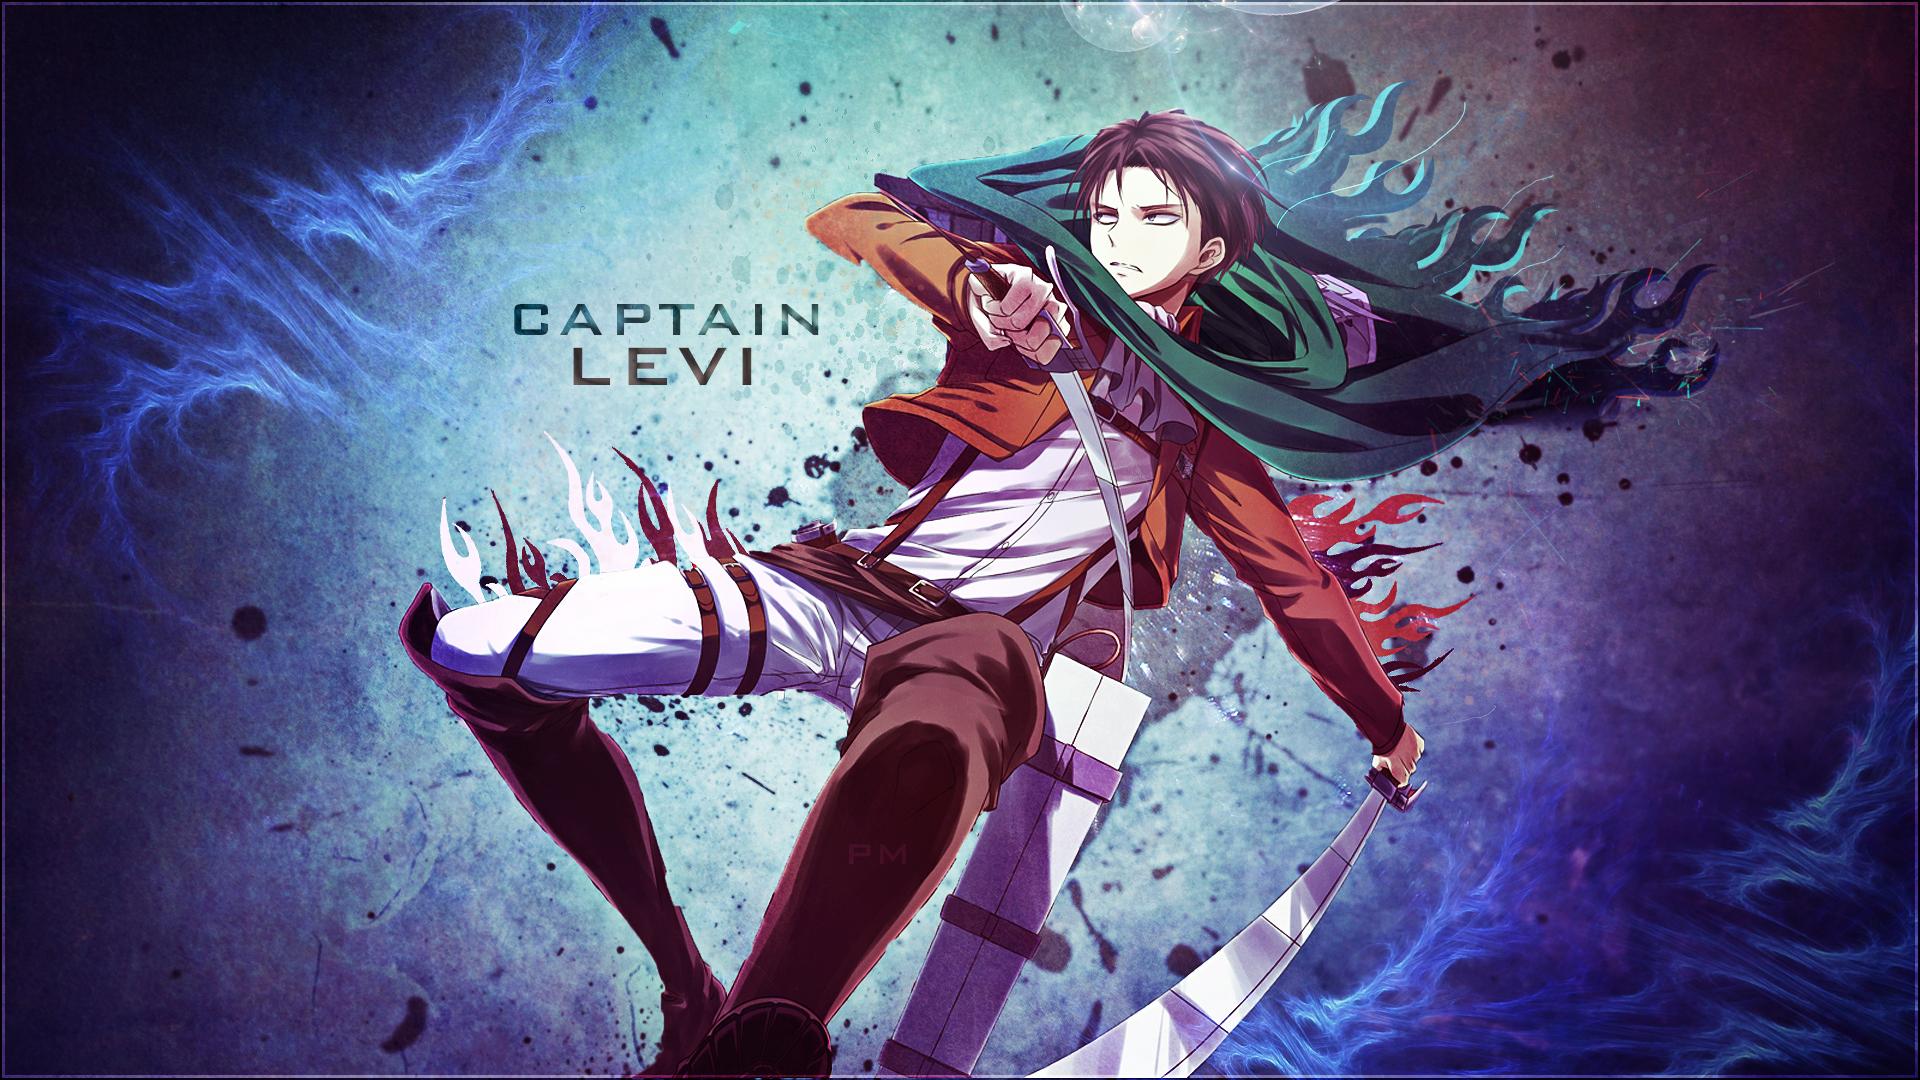 Wallpaper Captain Levi By Attats On Deviantart